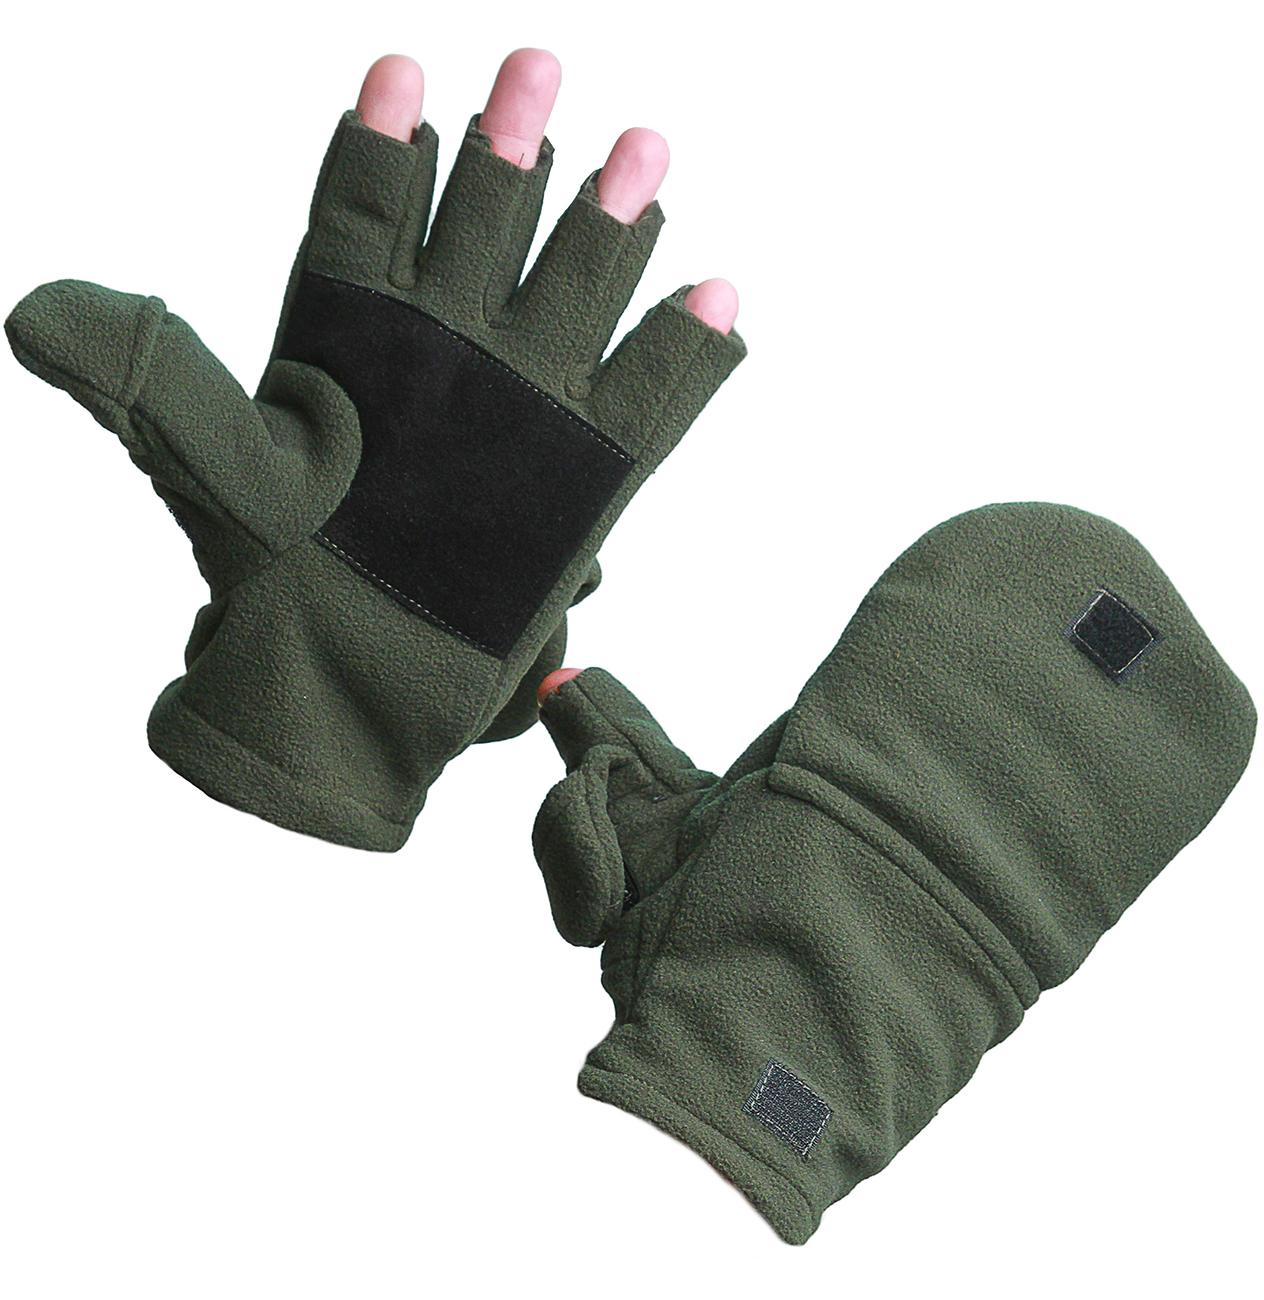 Перчатки/варежки УРСУС ткань флис нет ПЕР301-Х300Б